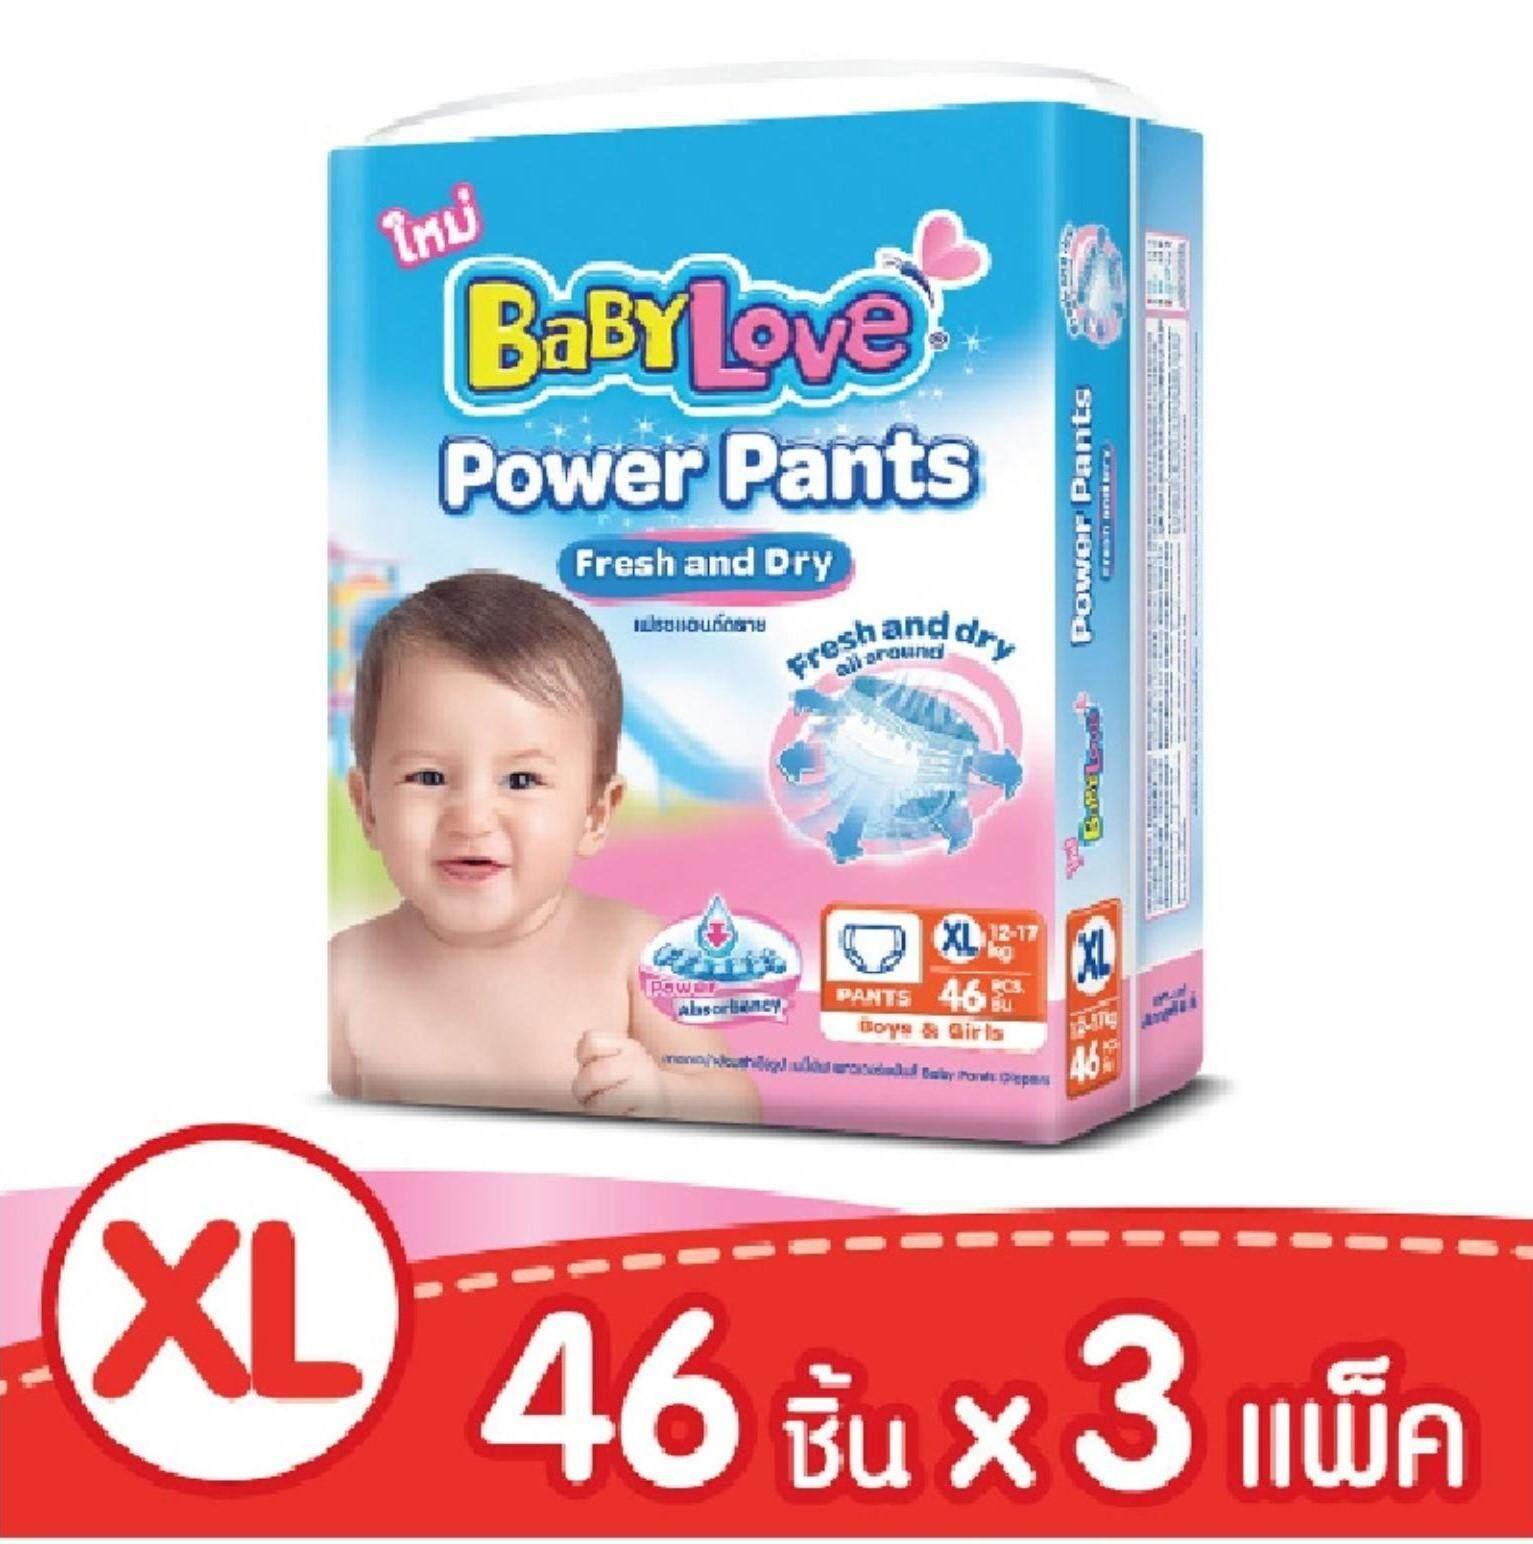 ซื้อที่ไหน BabyLove เบบี้เลิฟ รุ่น Power Pants พาวเวอร์ แพ้นส์ เฟรช แอนด์ ดราย กางเกงผ้าอ้อมสำเร็จรูป ** SIZE XL ** สินค้ายกลังราคาถูก (3แพ้ค) **